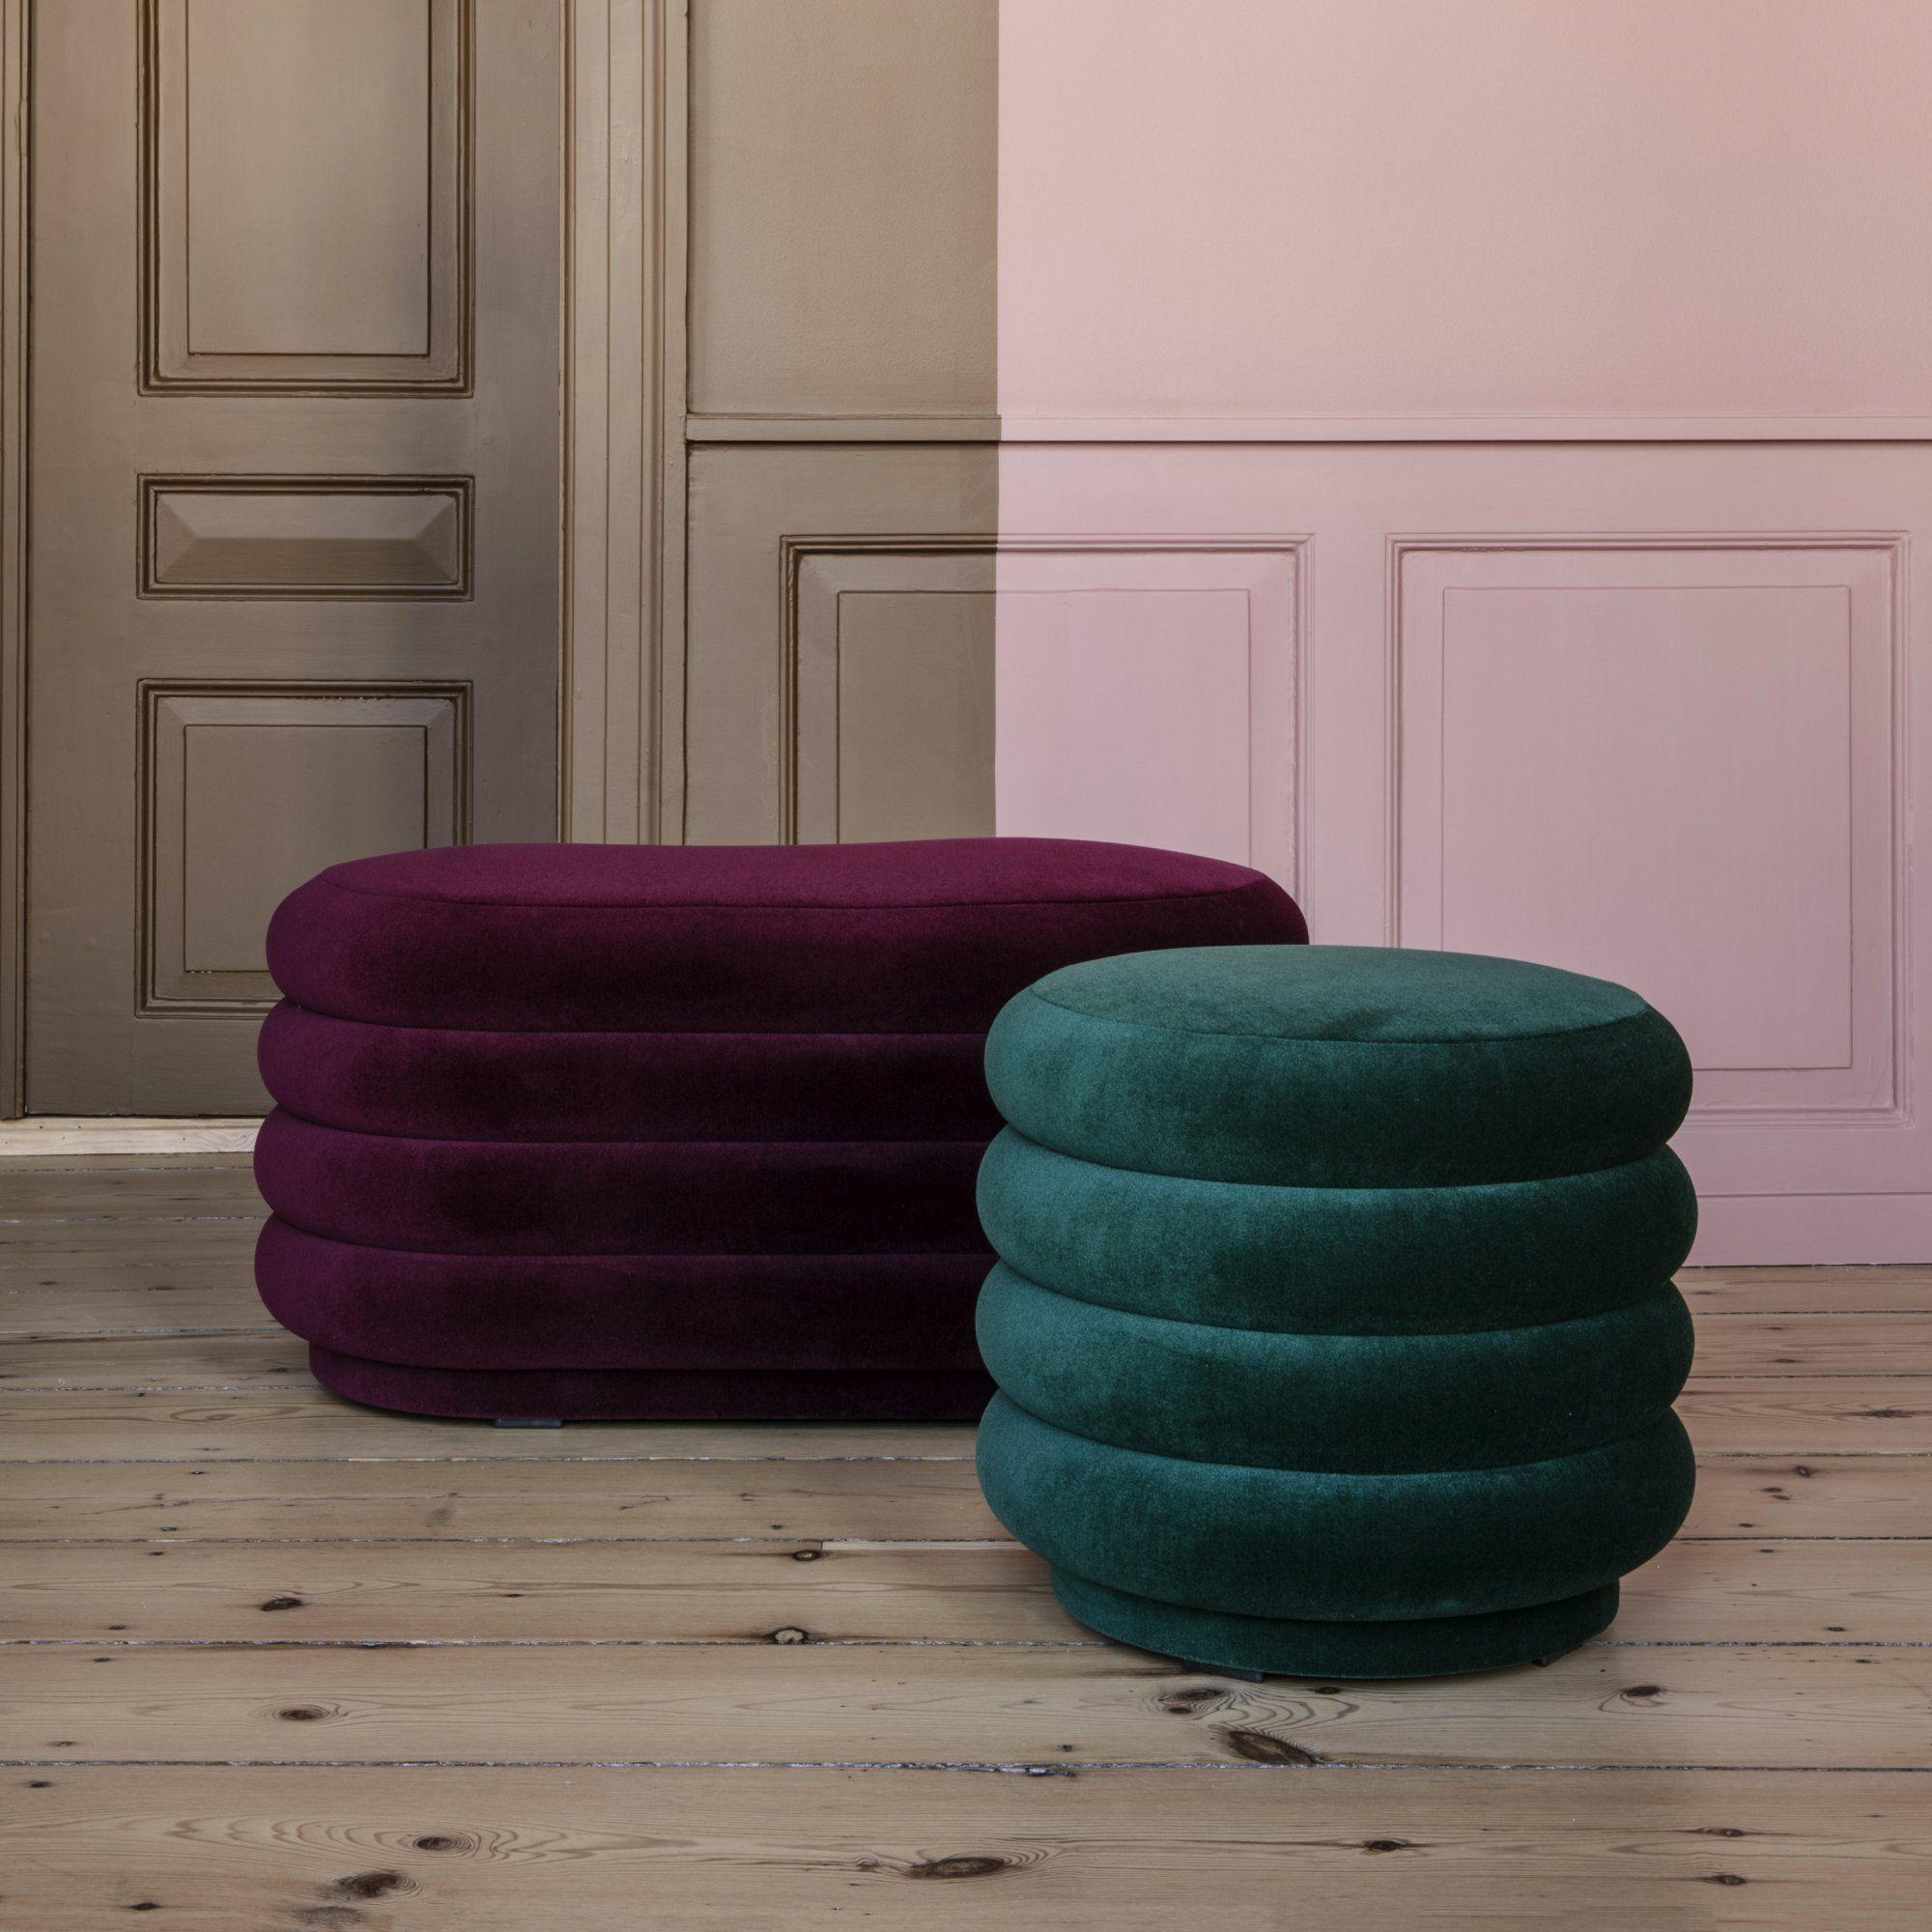 des pouf design et contemporain bordeaux et vert canard rond et ovale activewear colors and. Black Bedroom Furniture Sets. Home Design Ideas